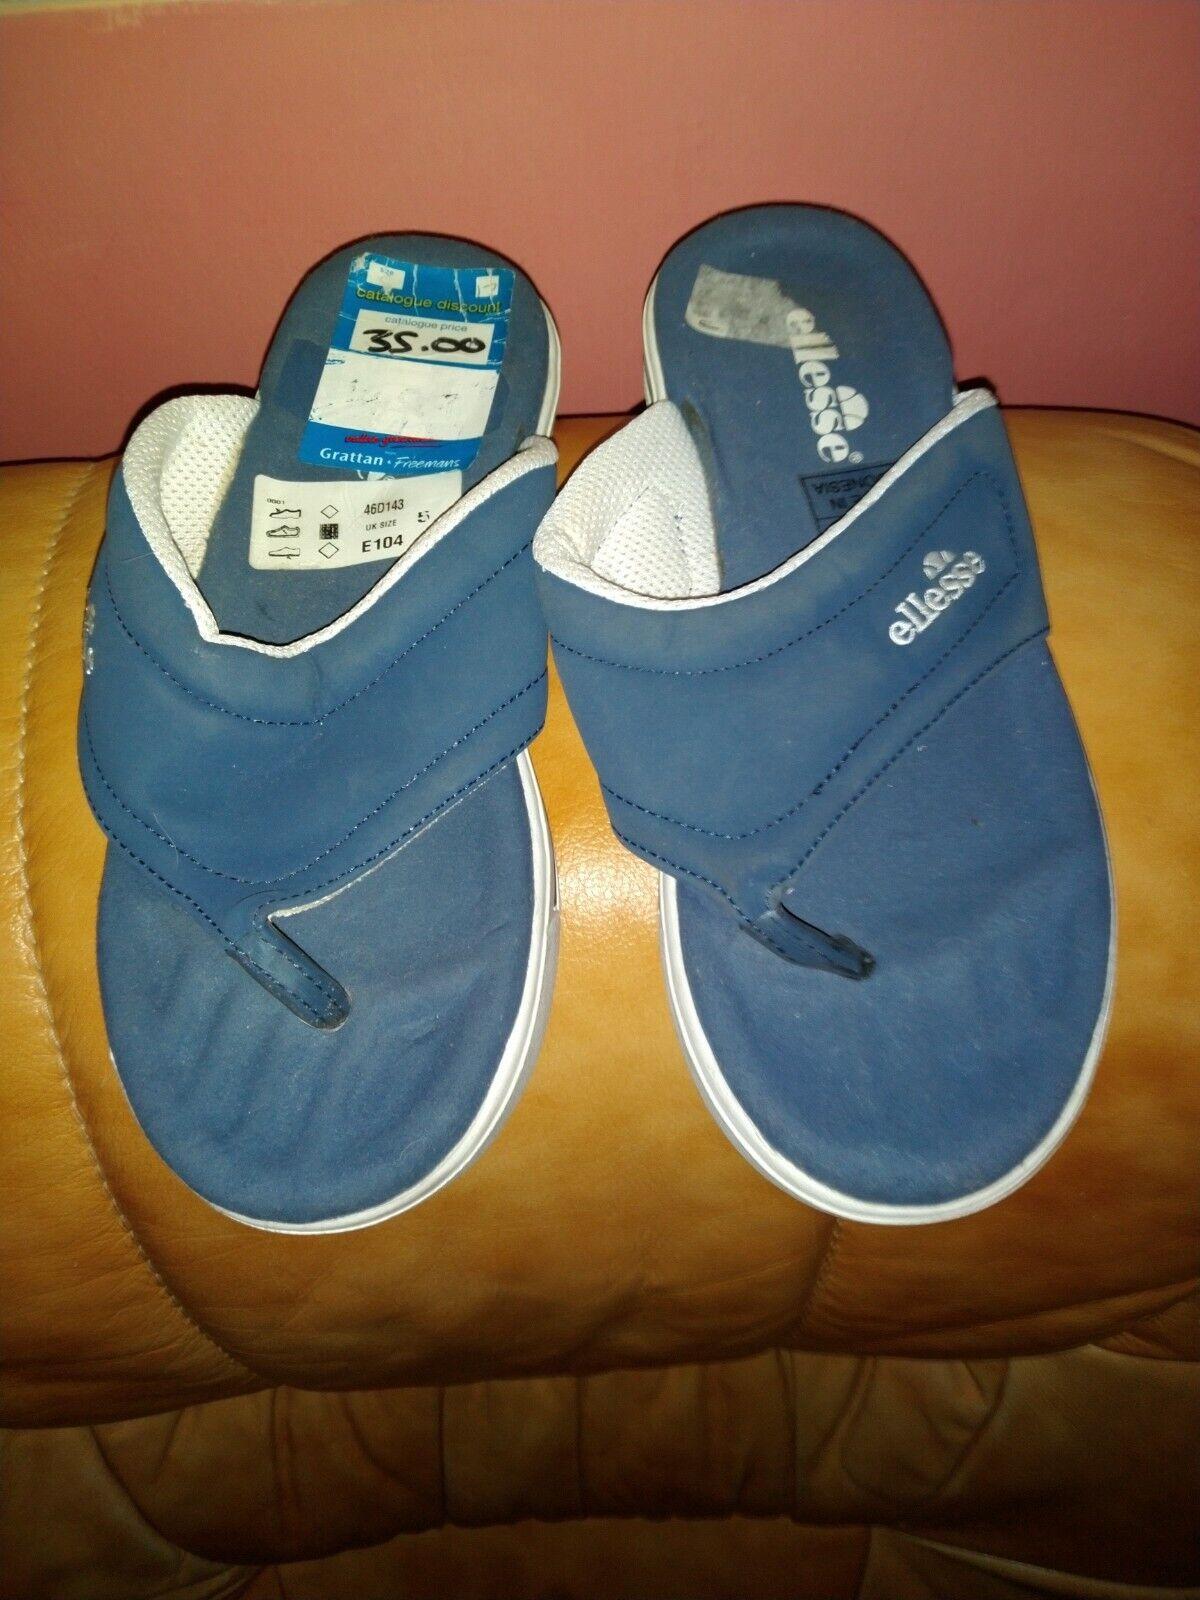 Vintage Ellesse Sandals Flip Flops - Size 5